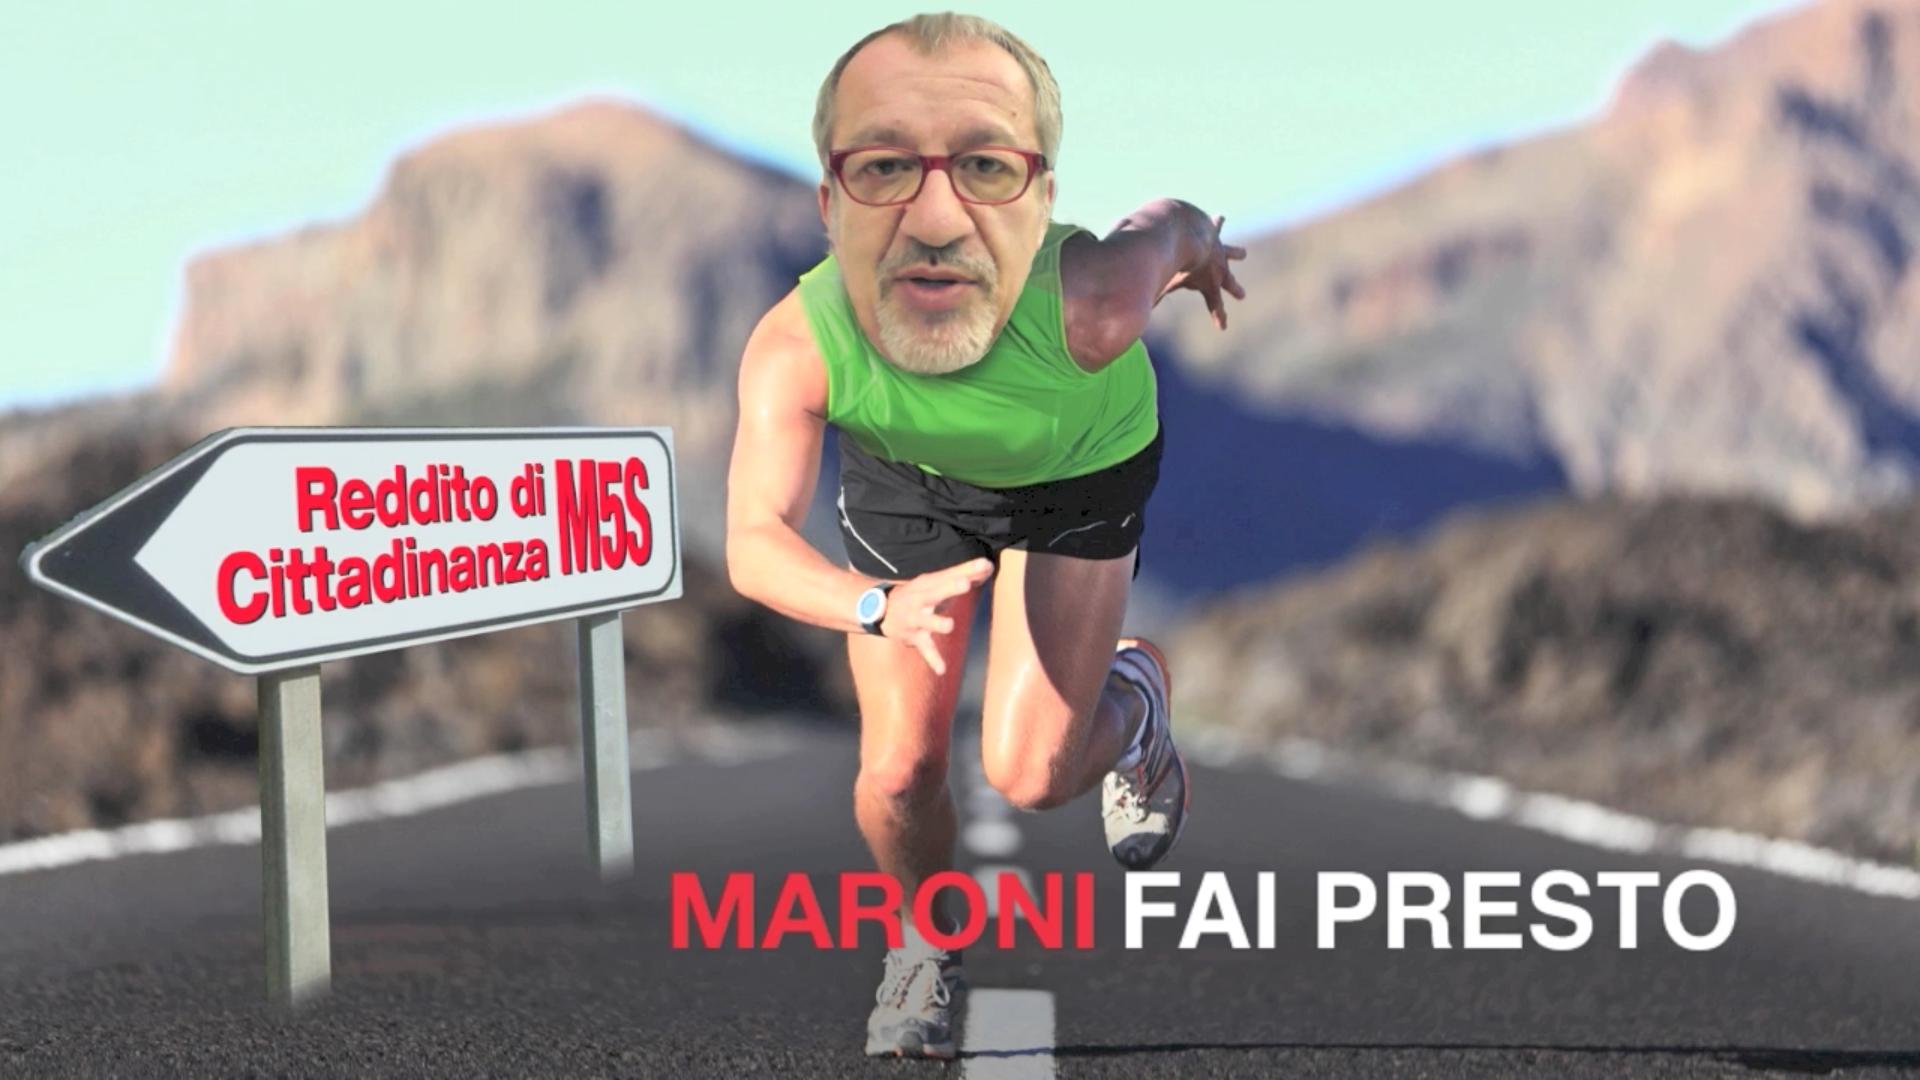 #RedditoDiCittadinanza in Lombardia: dal programma del M5S ai fatti